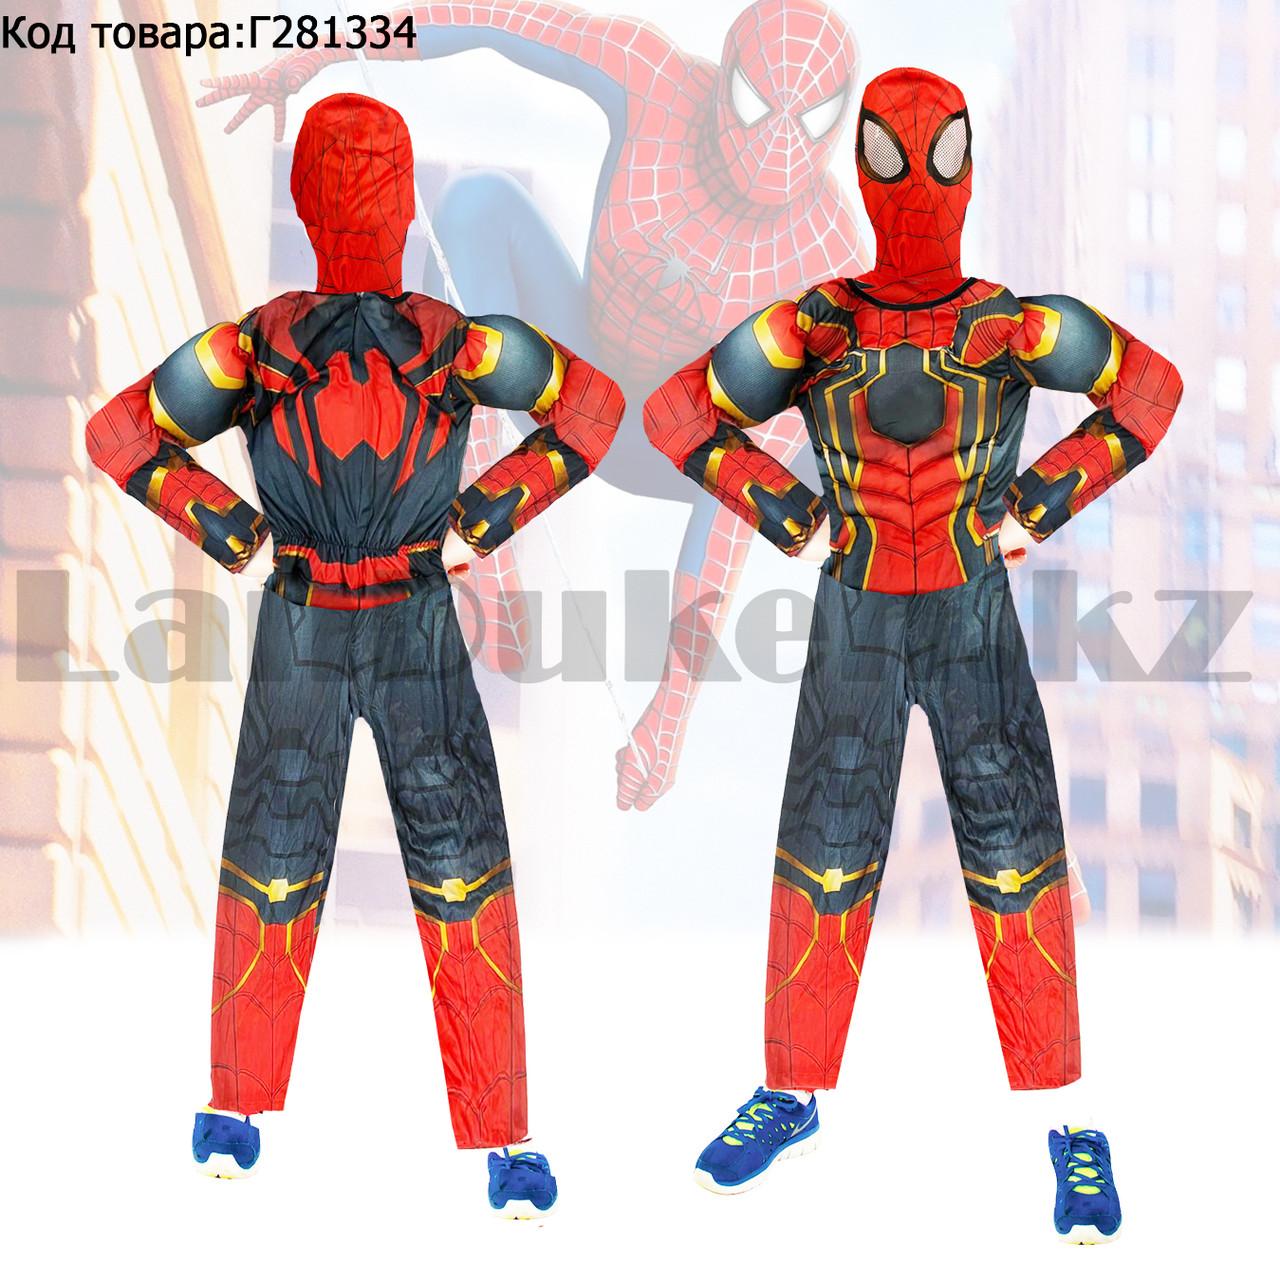 Костюм детский карнавальный цельный для мальчиков Человек Паук с мускулами - фото 1